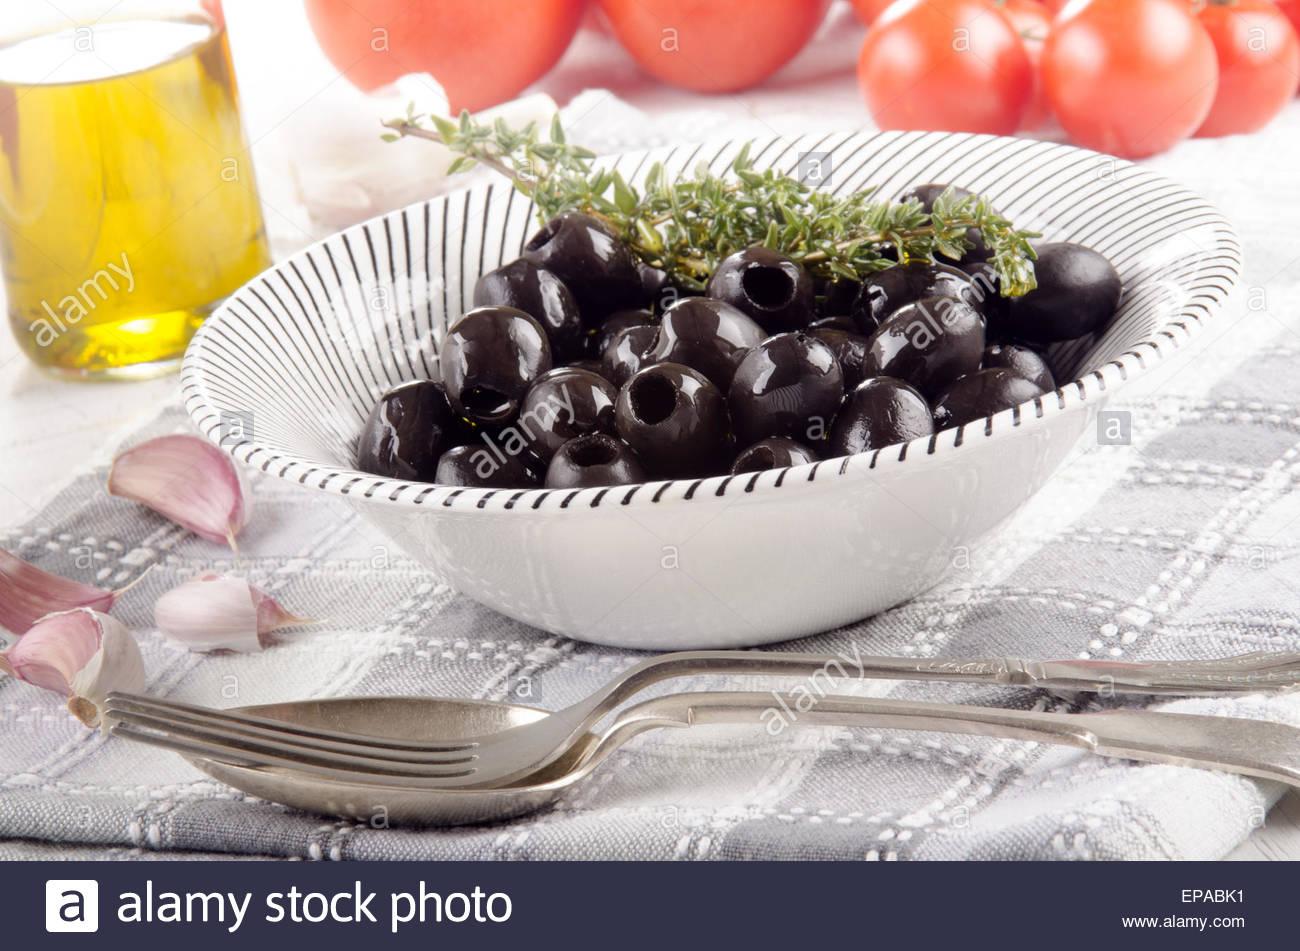 schwarze oliven in eine sch ssel geben stockfoto bild 82592581 alamy. Black Bedroom Furniture Sets. Home Design Ideas